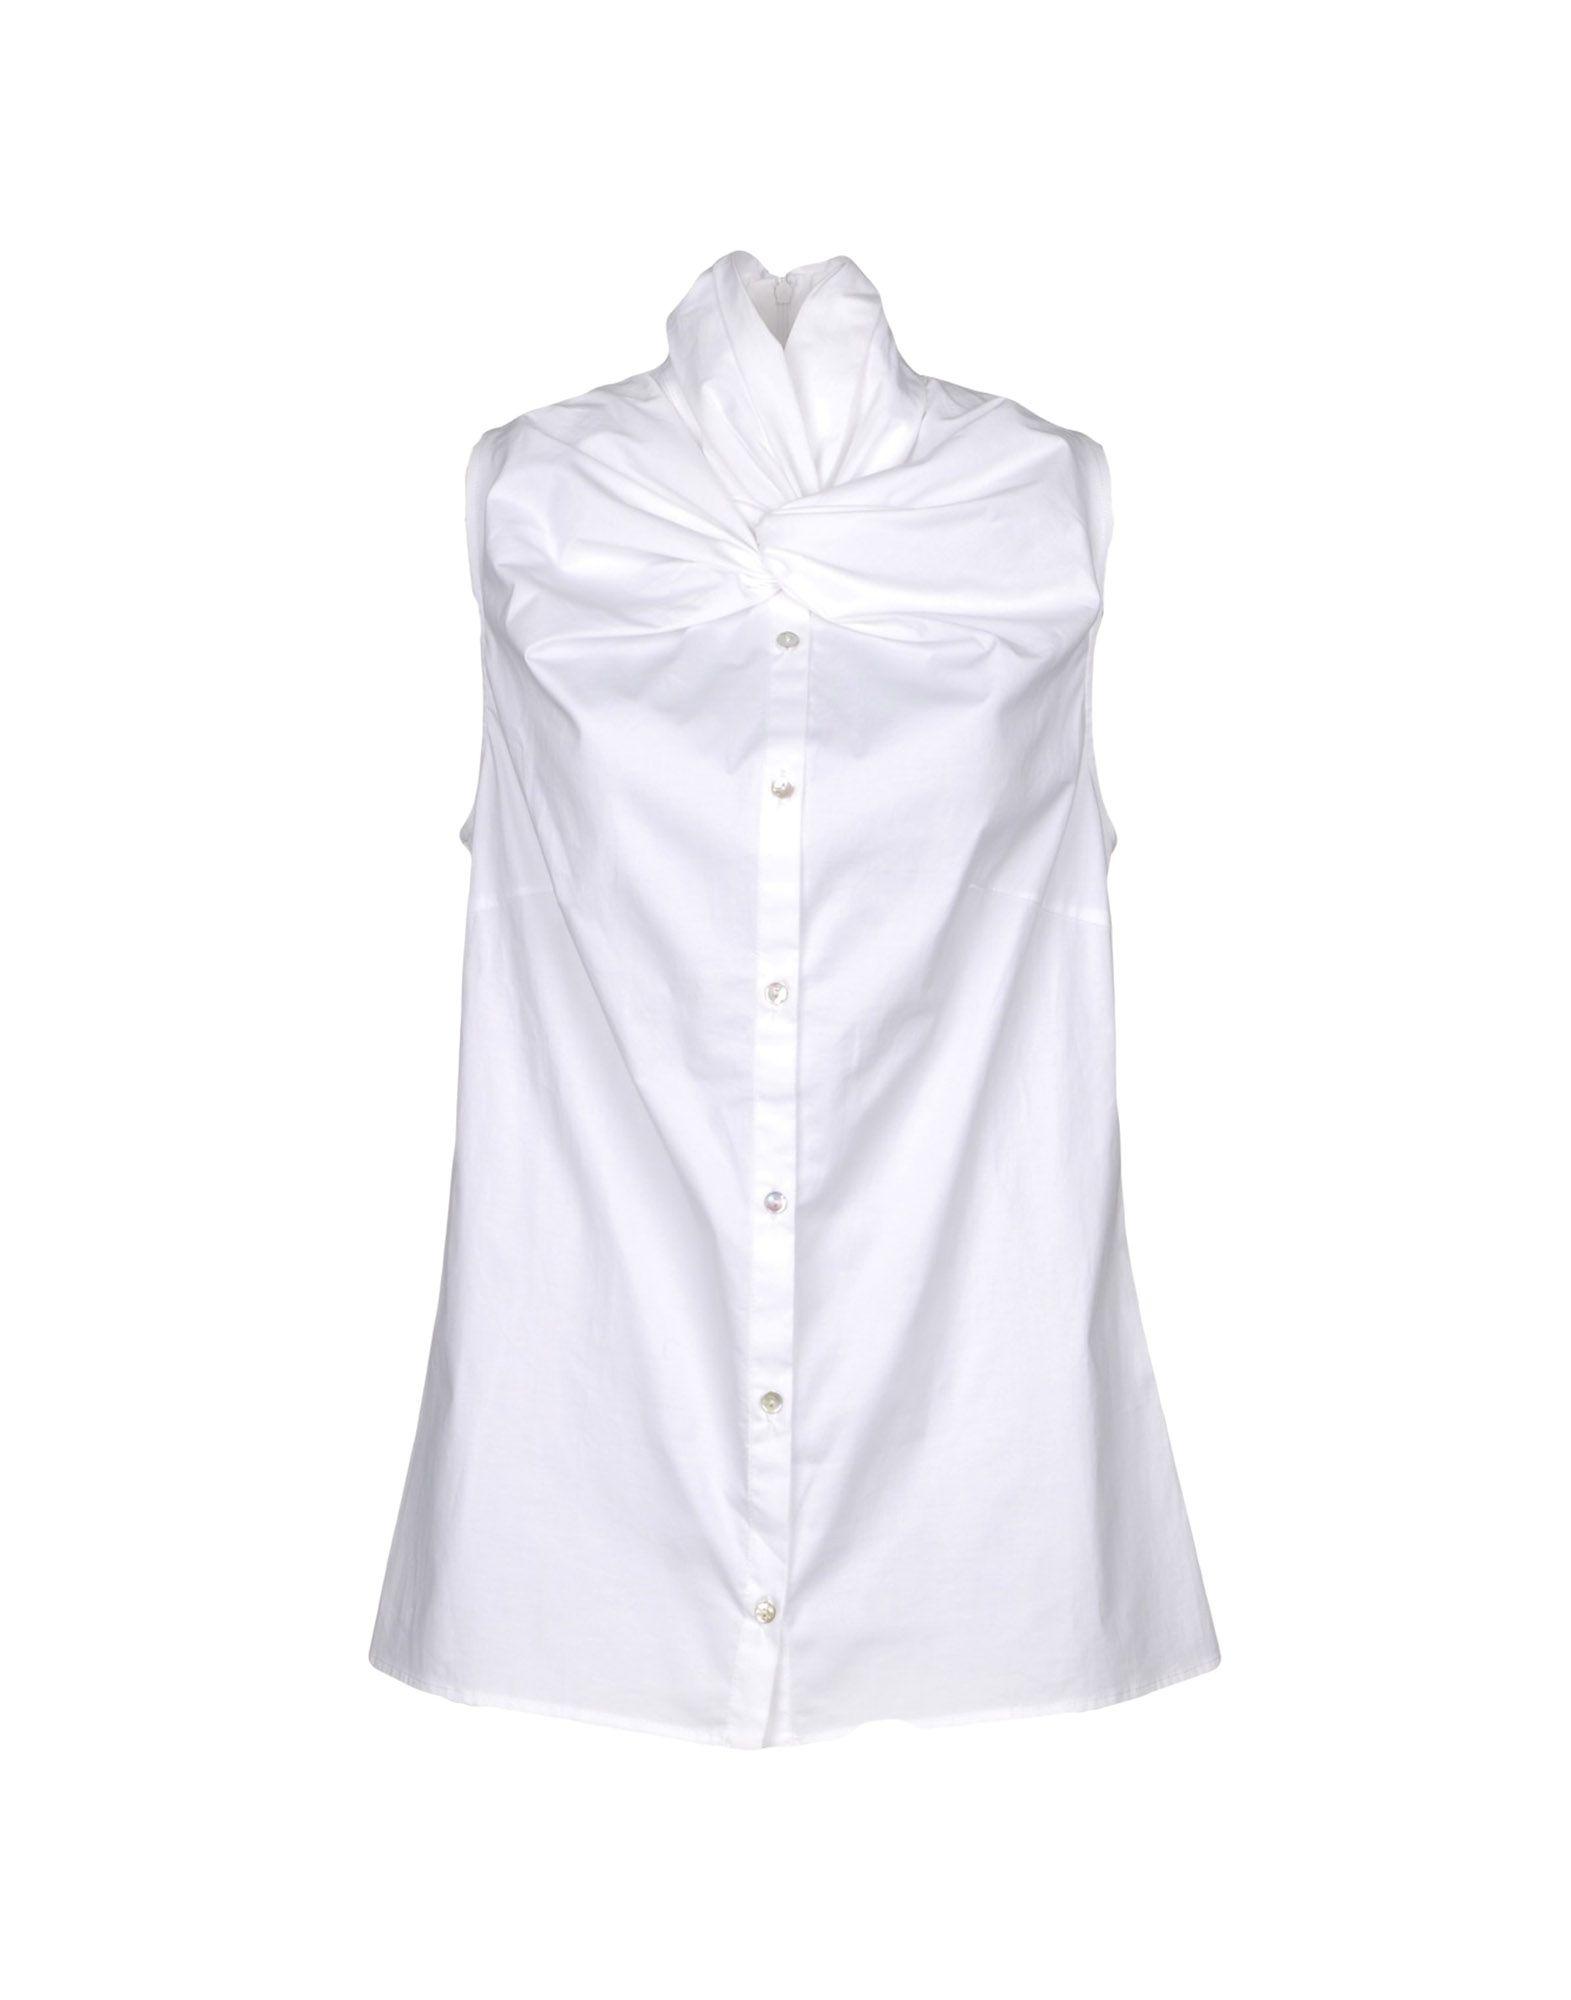 цена BLANCA LUZ Pубашка онлайн в 2017 году